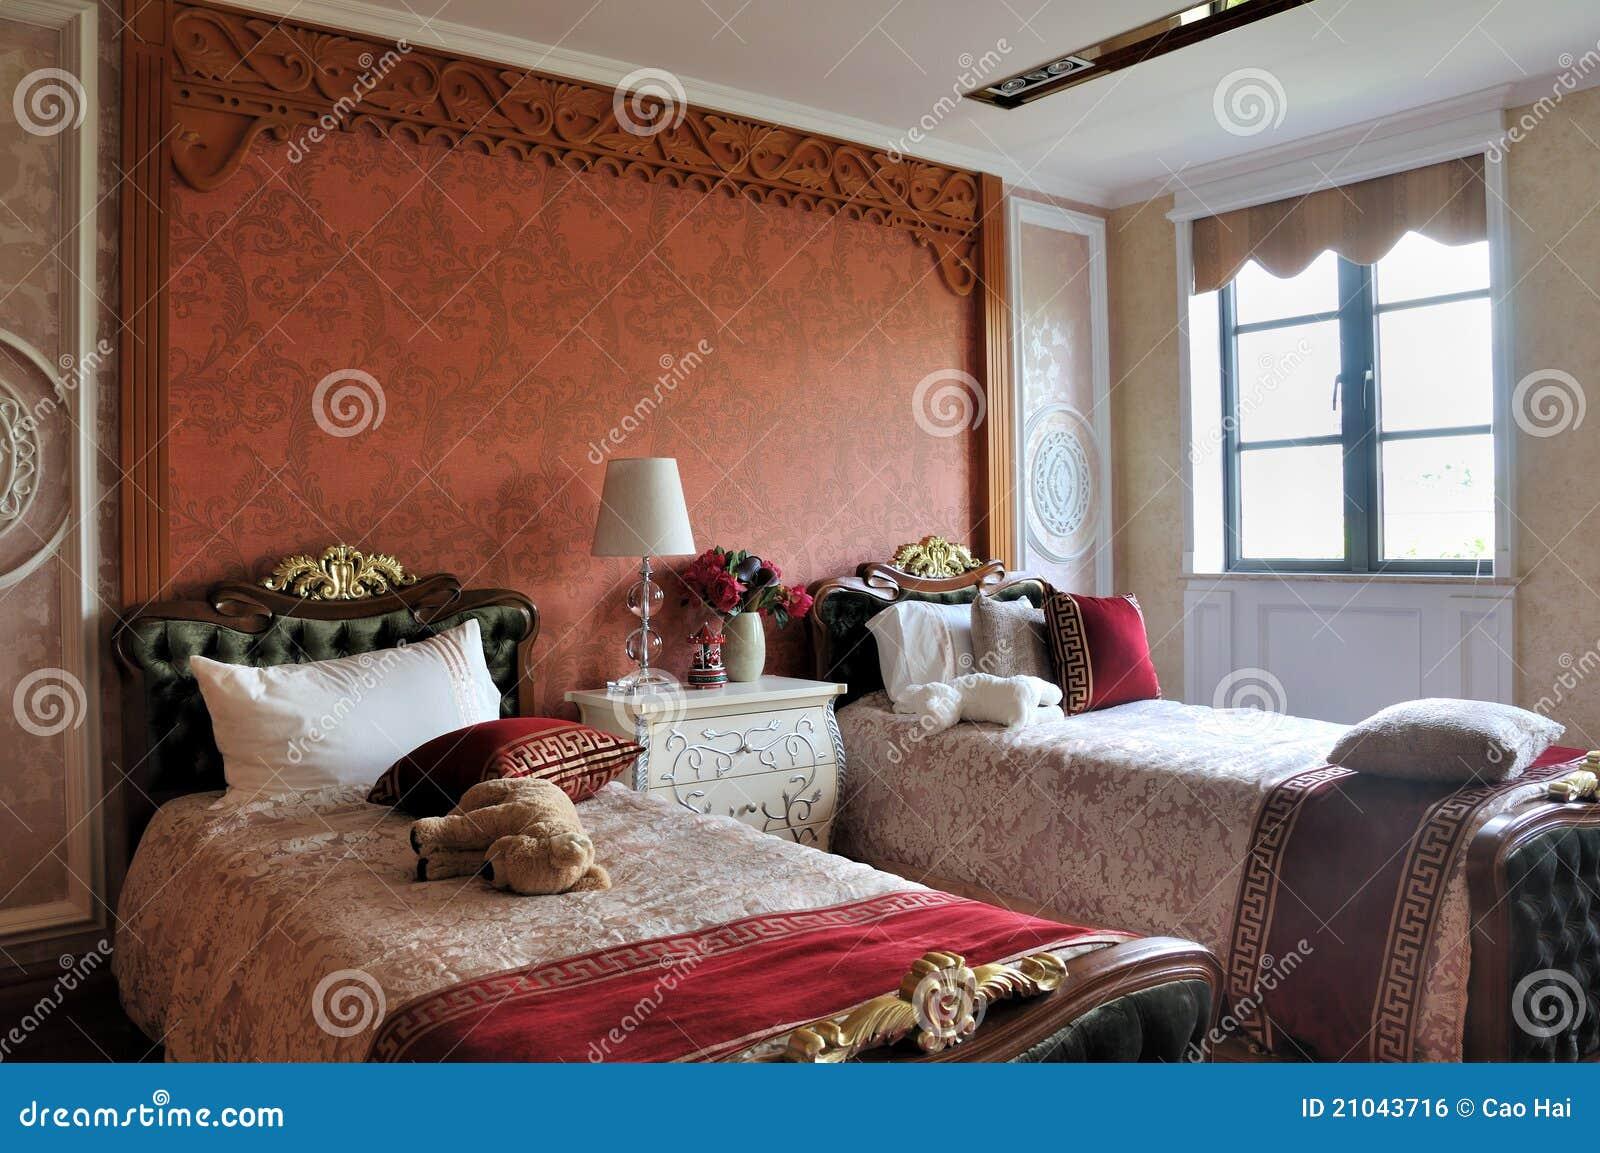 Camera da letto per i bambini nello stile di lusso immagine stock libera da diritti immagine - Dipinti camera da letto ...